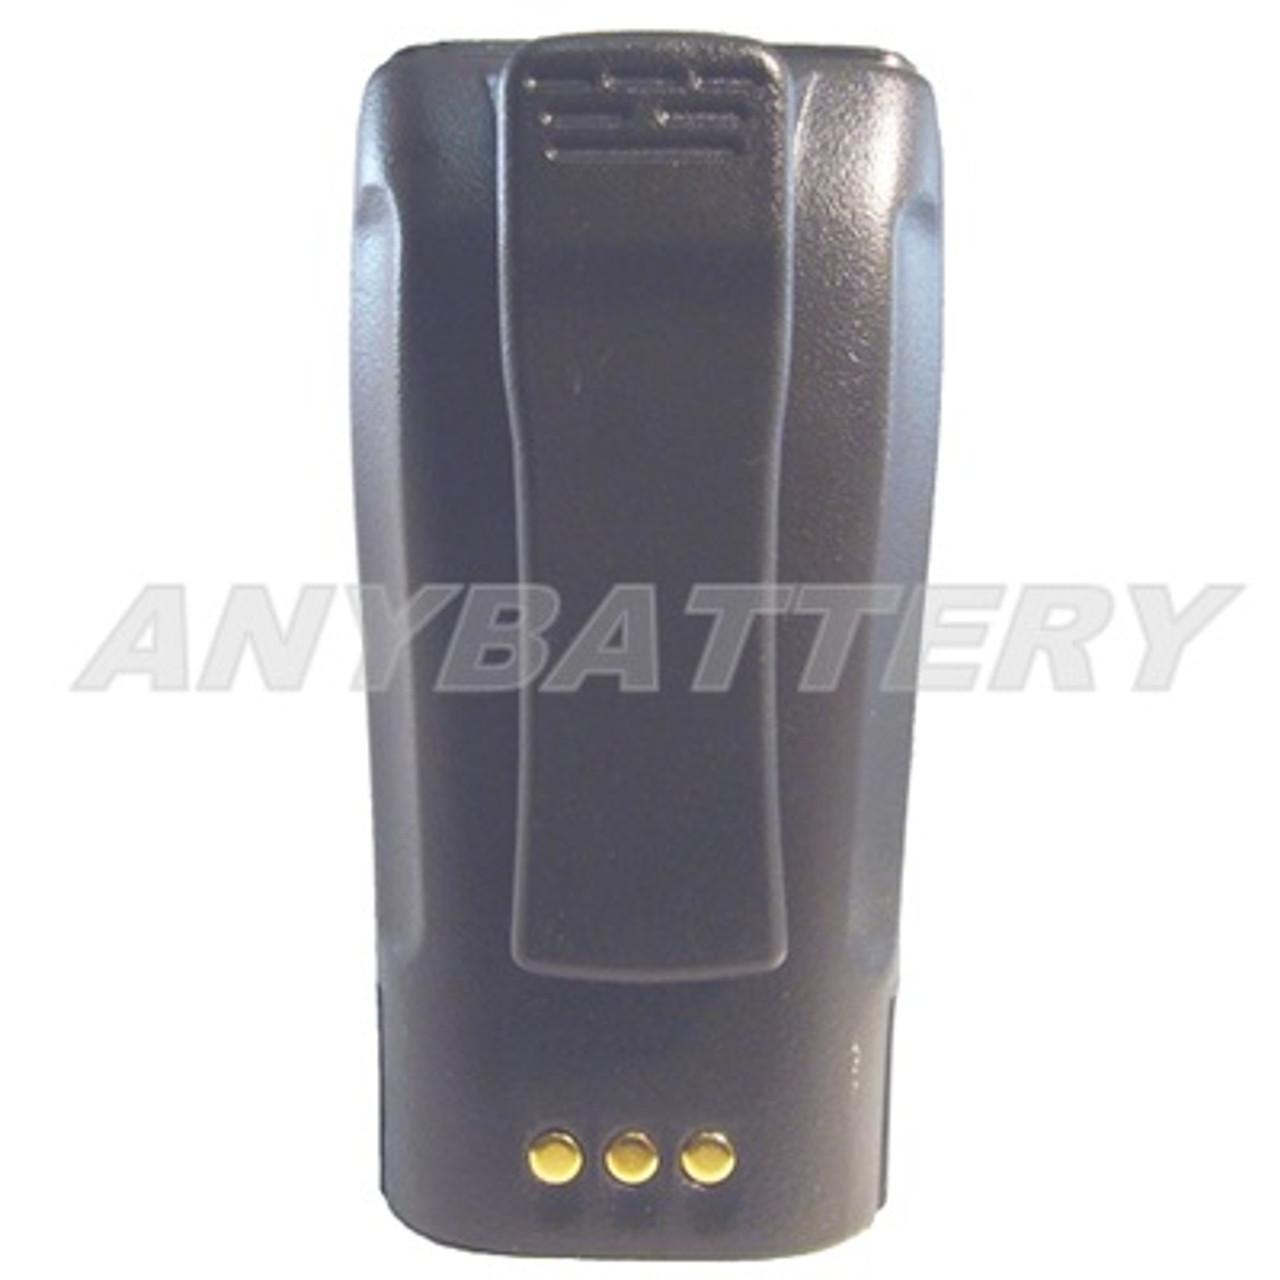 Battery for Motorola CP040, CP140, CP150, CP160, CP180, CP200, CP200XLS, CP340, CP360, CP380, EP450, PR400, NNTN4496AR, NNTN4851AR, NTN4496, NTN4851